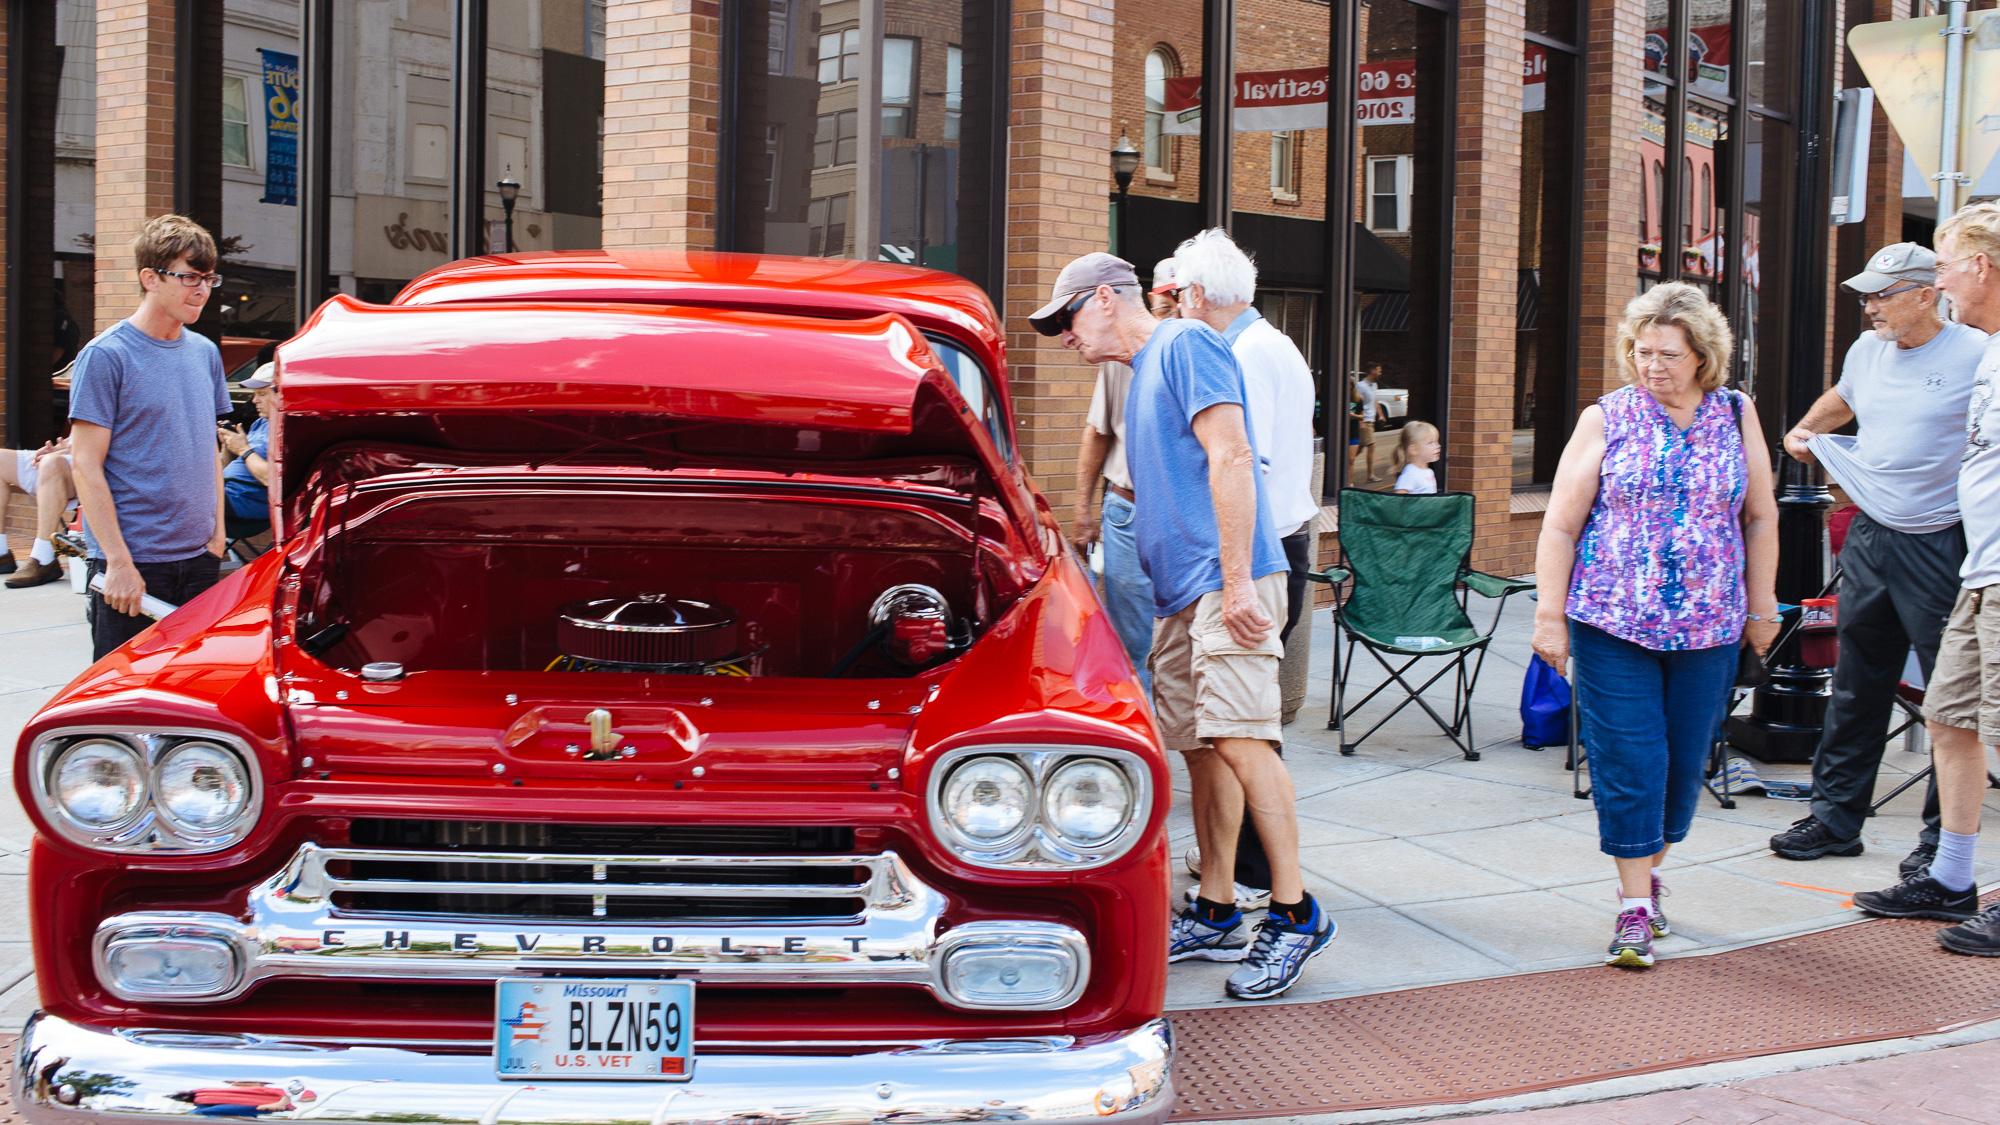 Route 66 Festival Springfield, Missouri